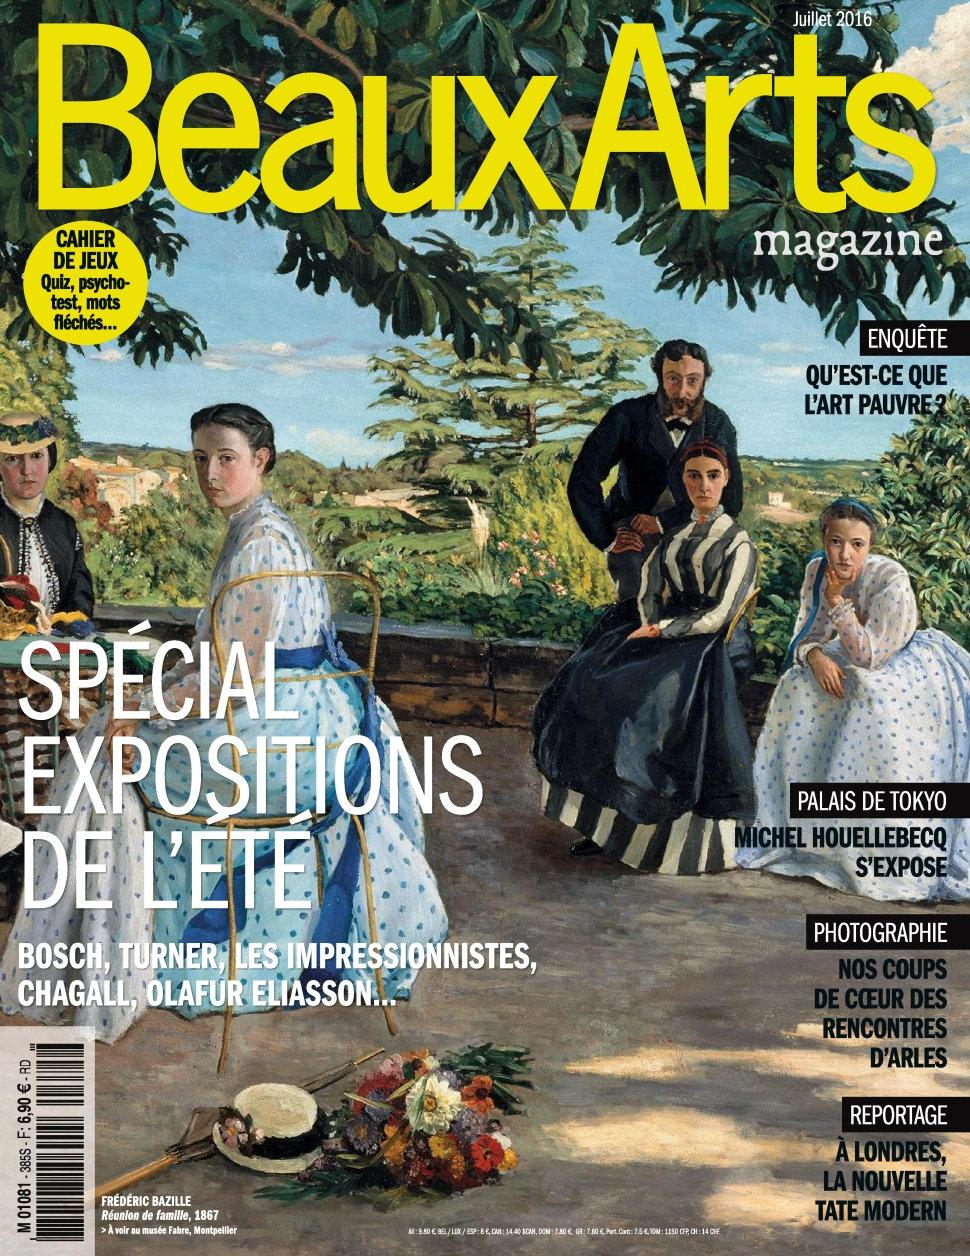 Beaux Arts magazine N°385 - Juillet 2016